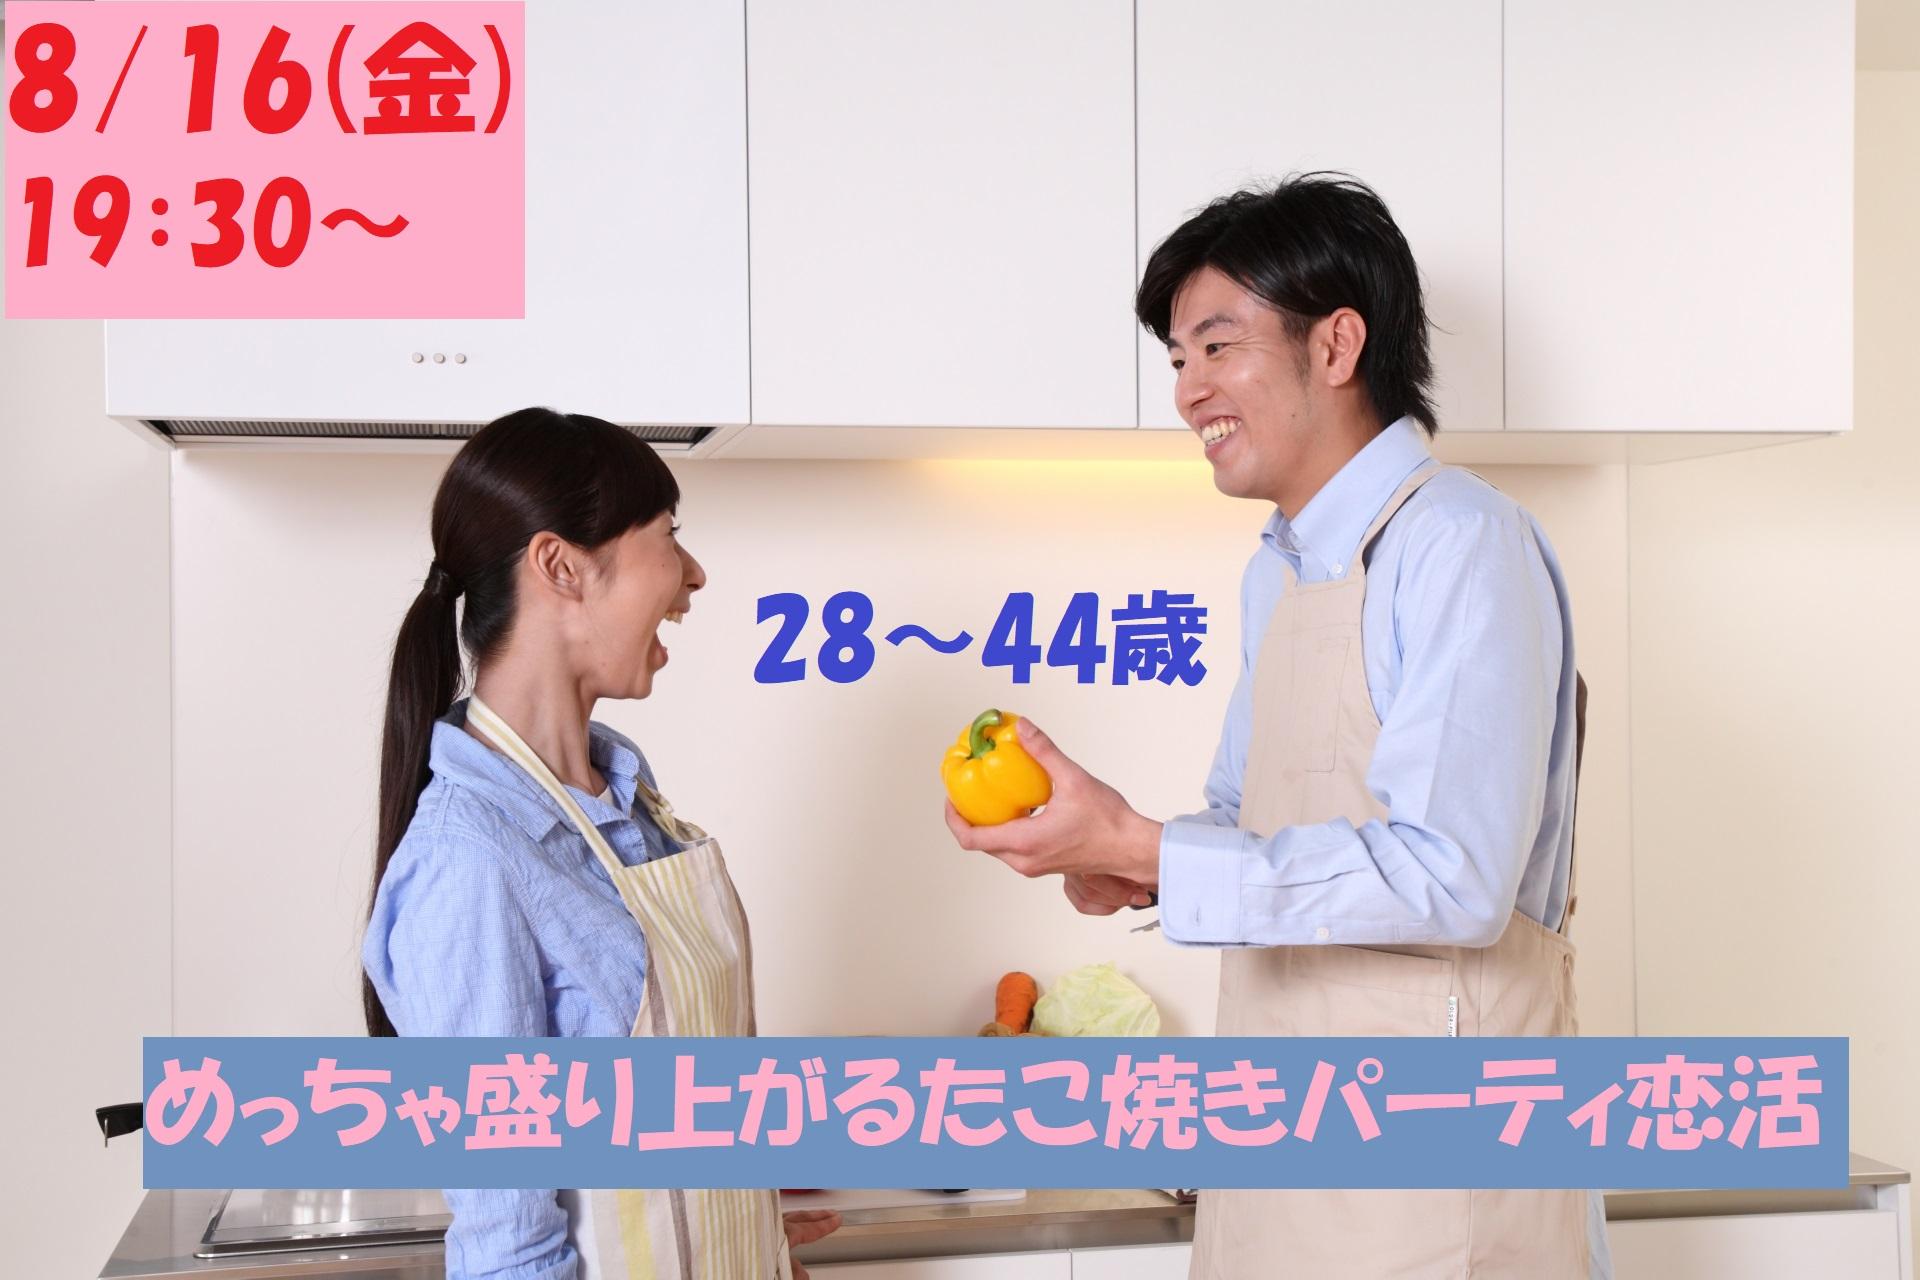 【終了】8月16日(金)19時30分~【28~44歳】めっちゃ盛り上がるたこ焼きパーティ恋活